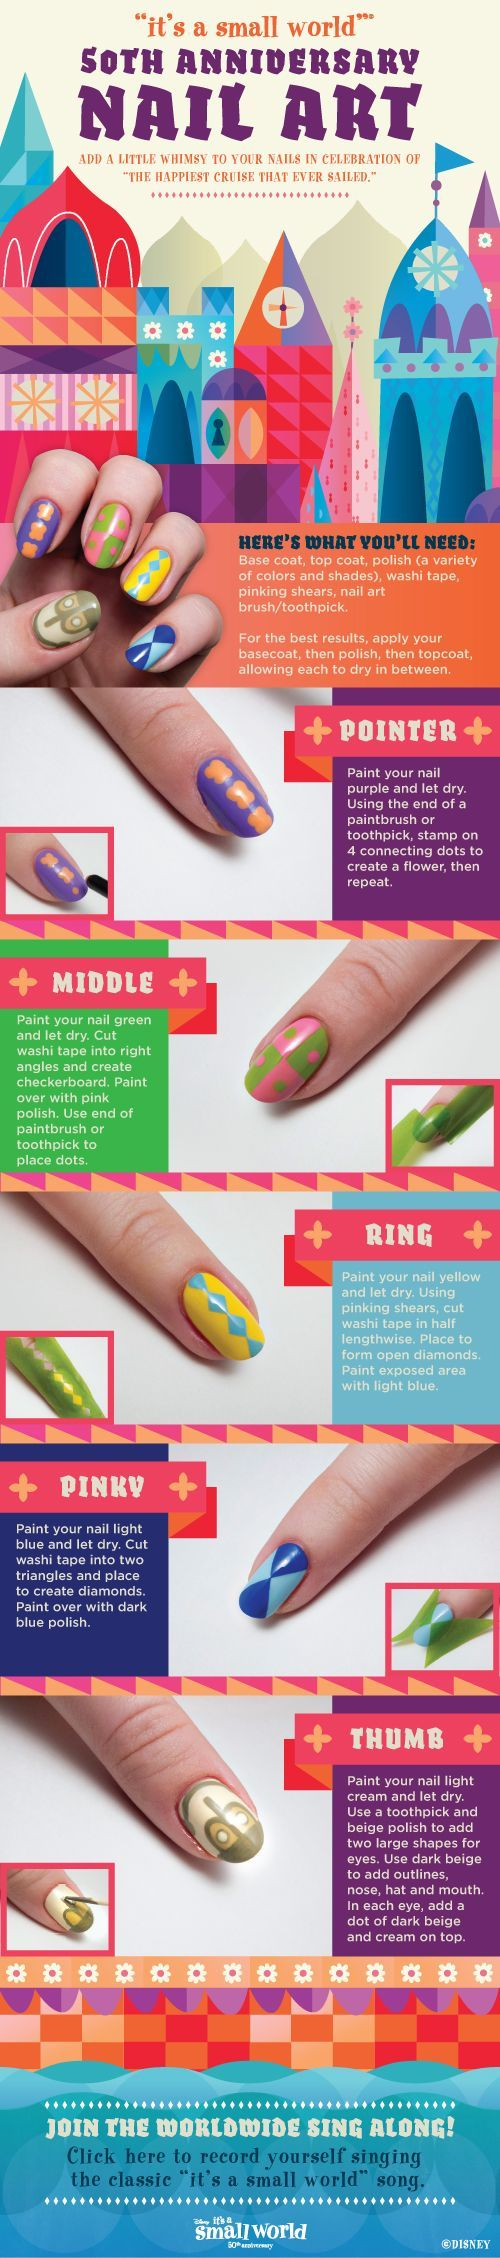 Die 520 besten Bilder zu Nails auf Pinterest | Nagelkunst Design ...